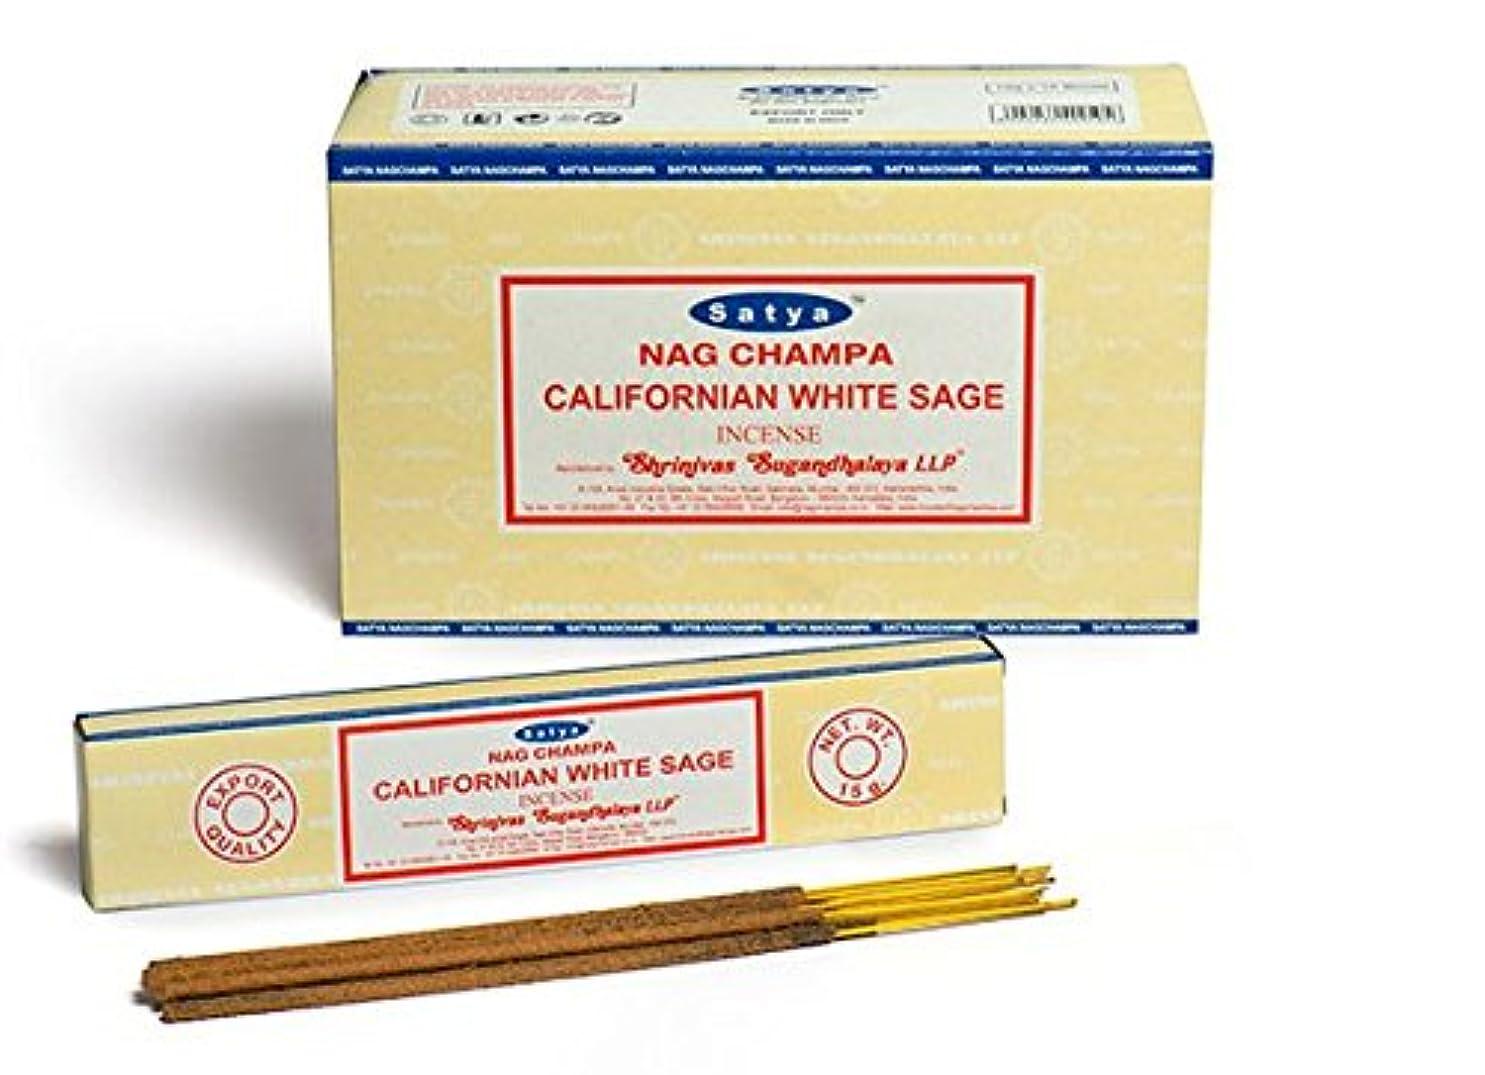 にやにや関係腕Satya Nag Champa カリフォルニアホワイトセージ香スティック Agarbatti 180グラムボックス | 15グラム入り12パック 箱入り | 輸出品質